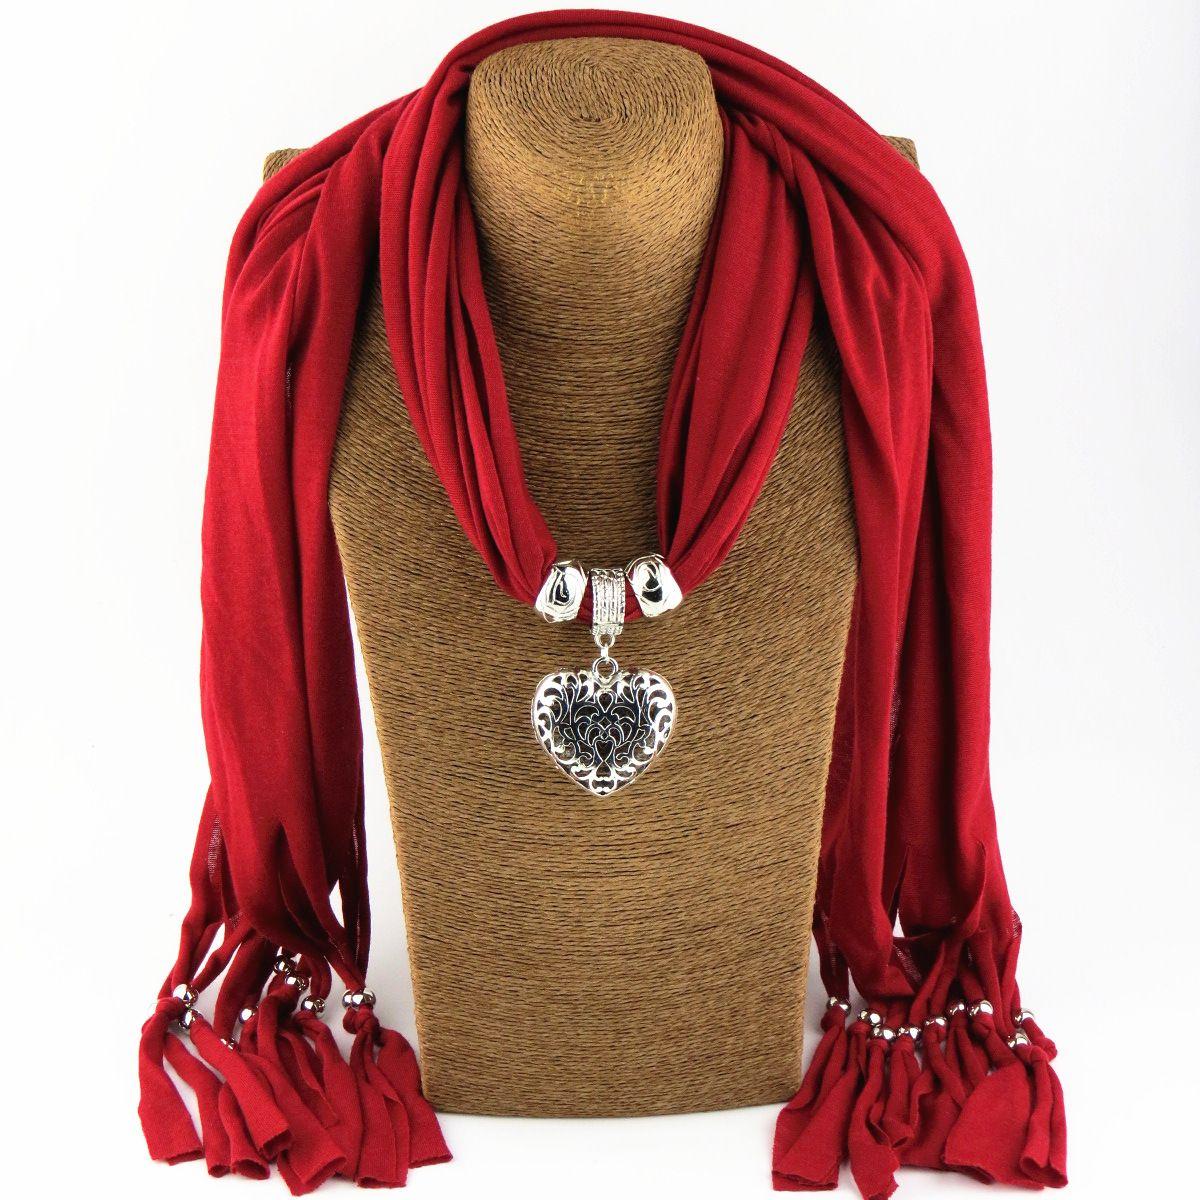 스카프 쥬얼리 펜던트의 매력 목걸이 스카프 패션 여자들의 부드러운 스카프 쥬얼리 믹스 컬러